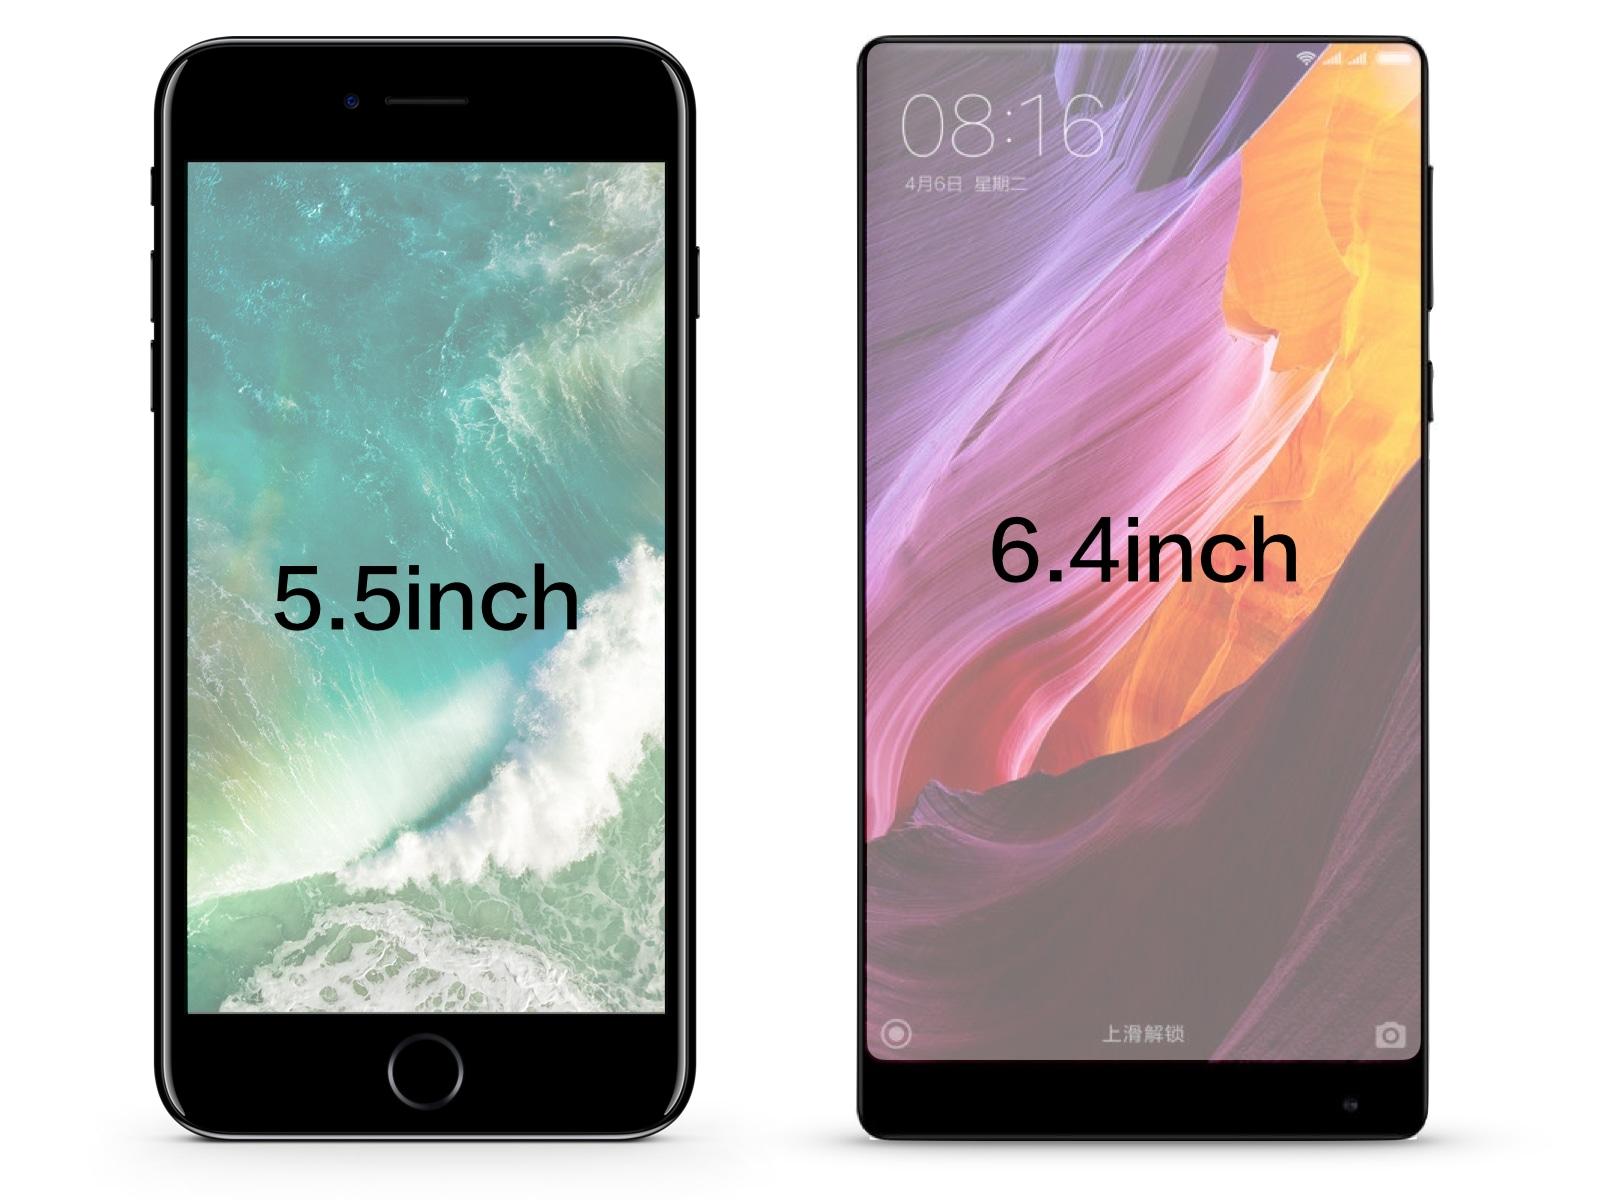 Mi MIX vs iPhone 7 Plus